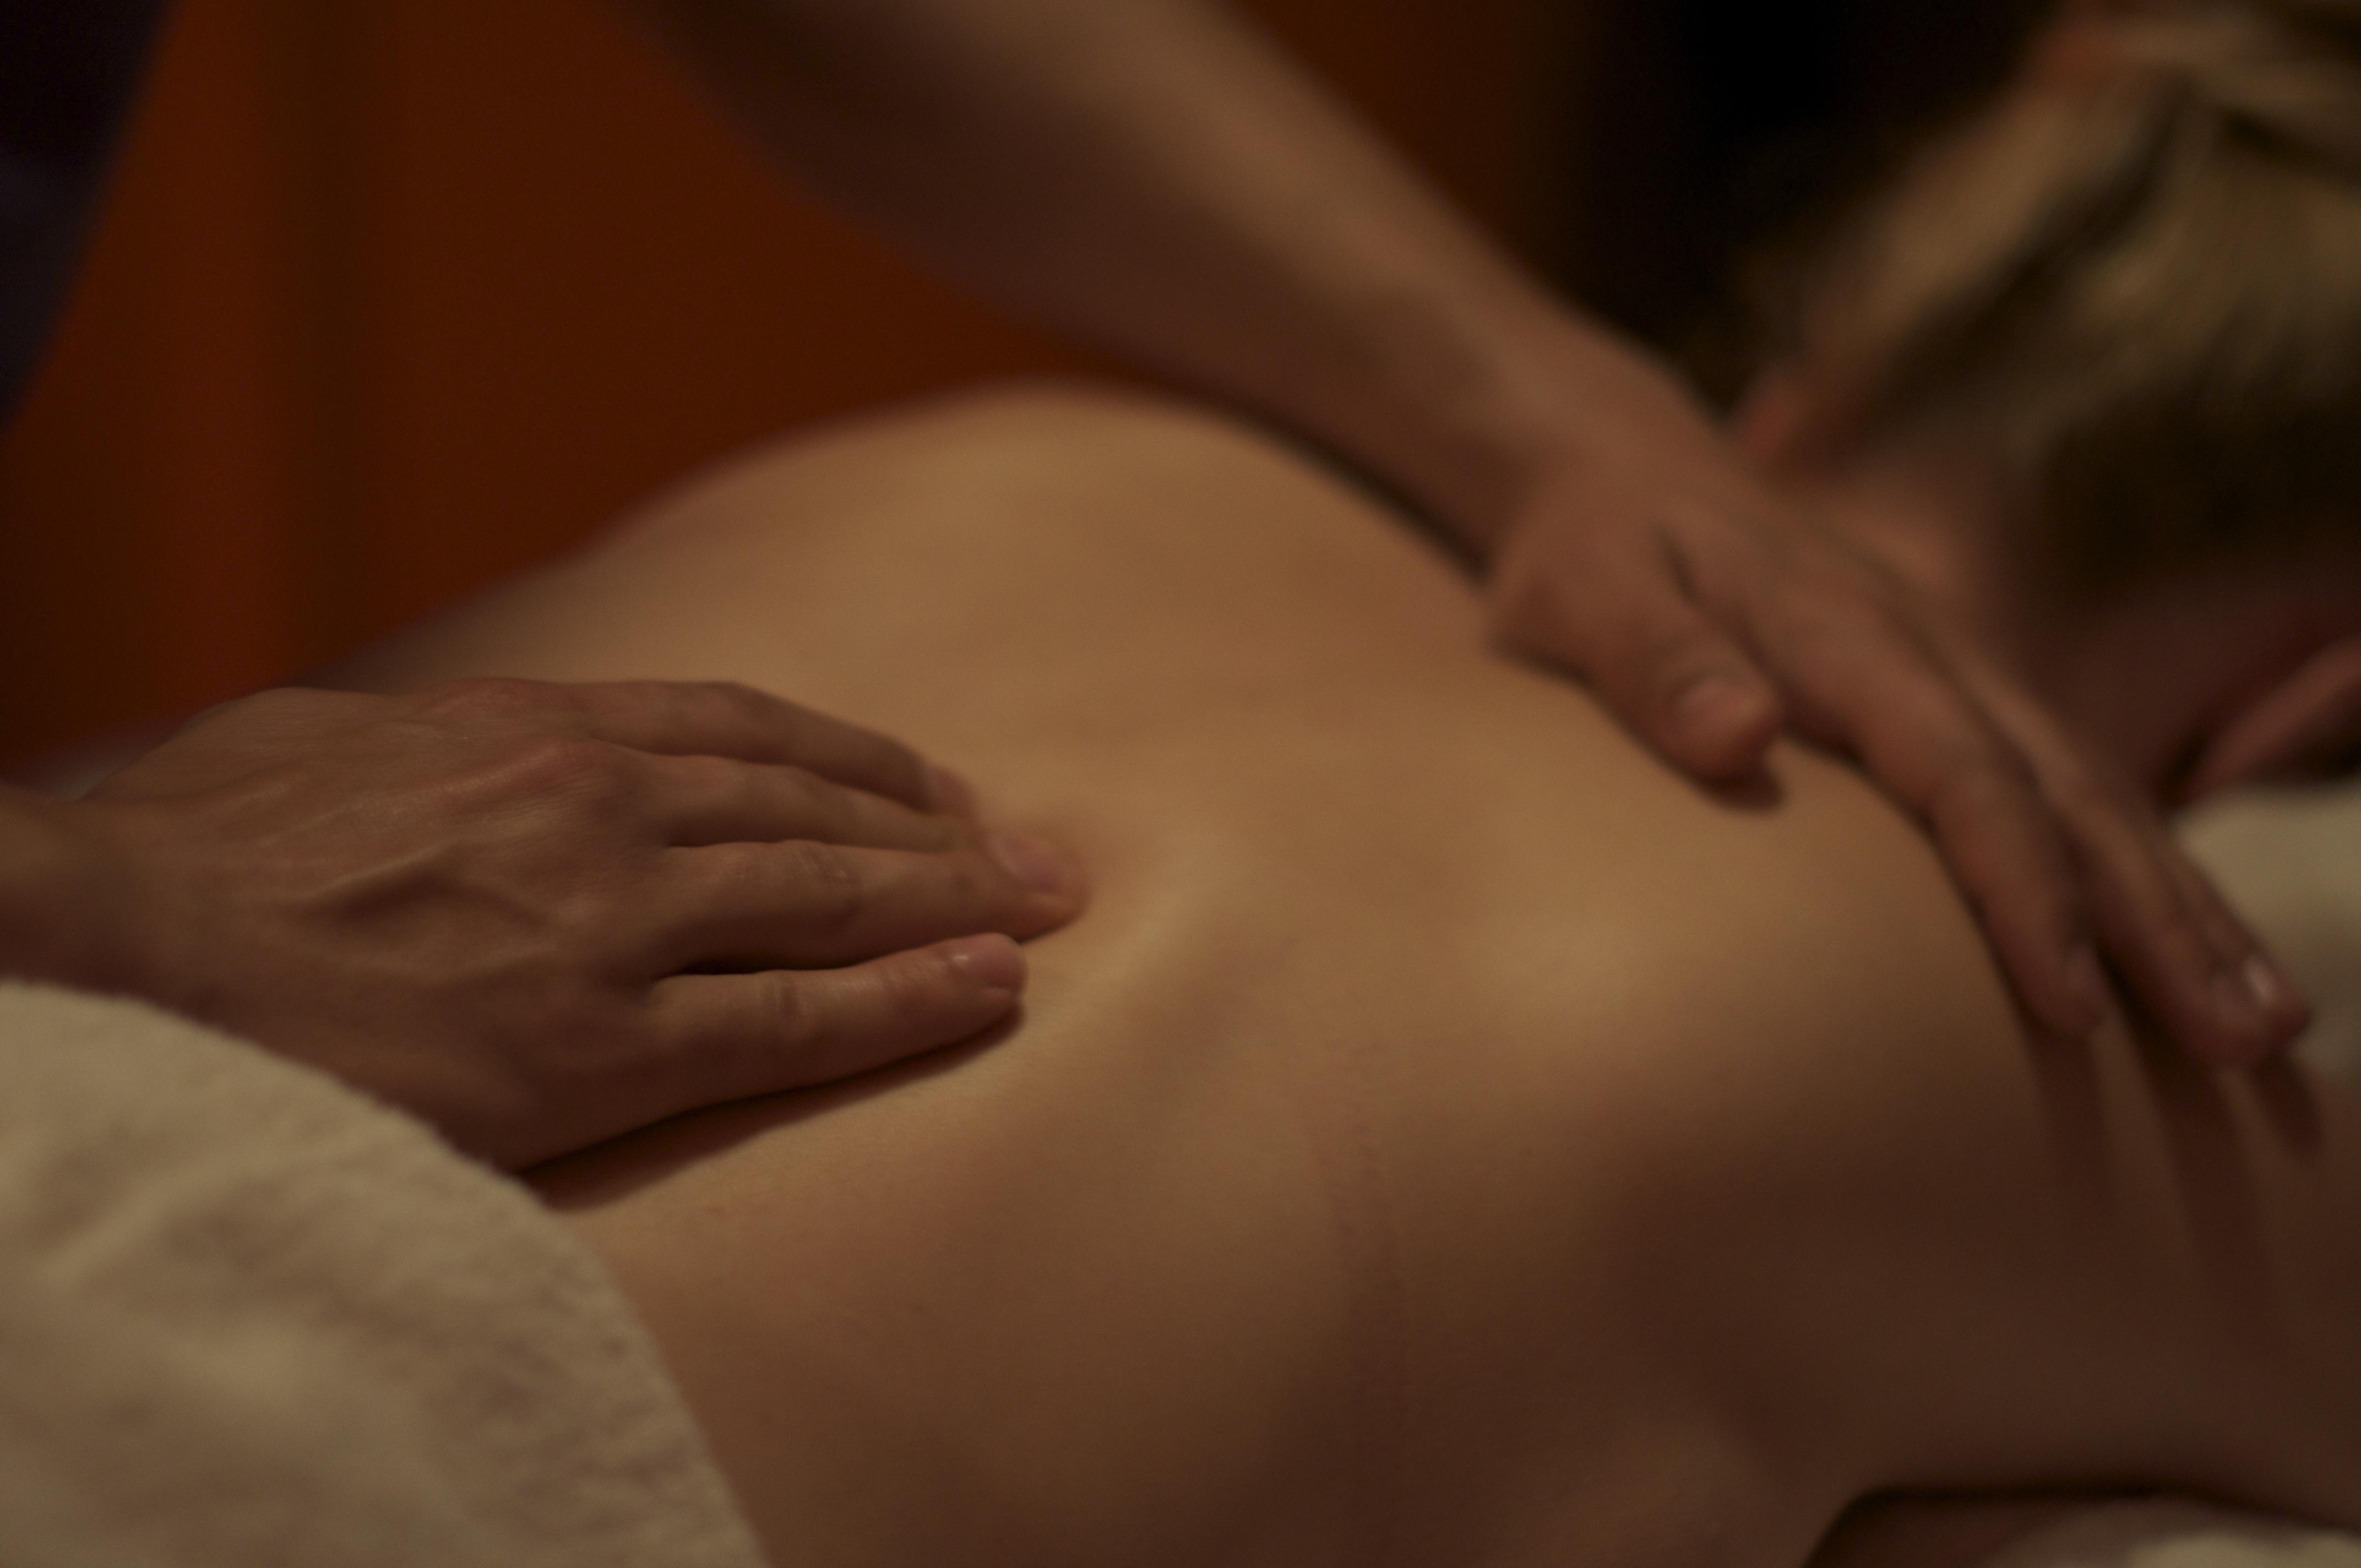 Лечебно эротический массаж индивидуалки из г киров